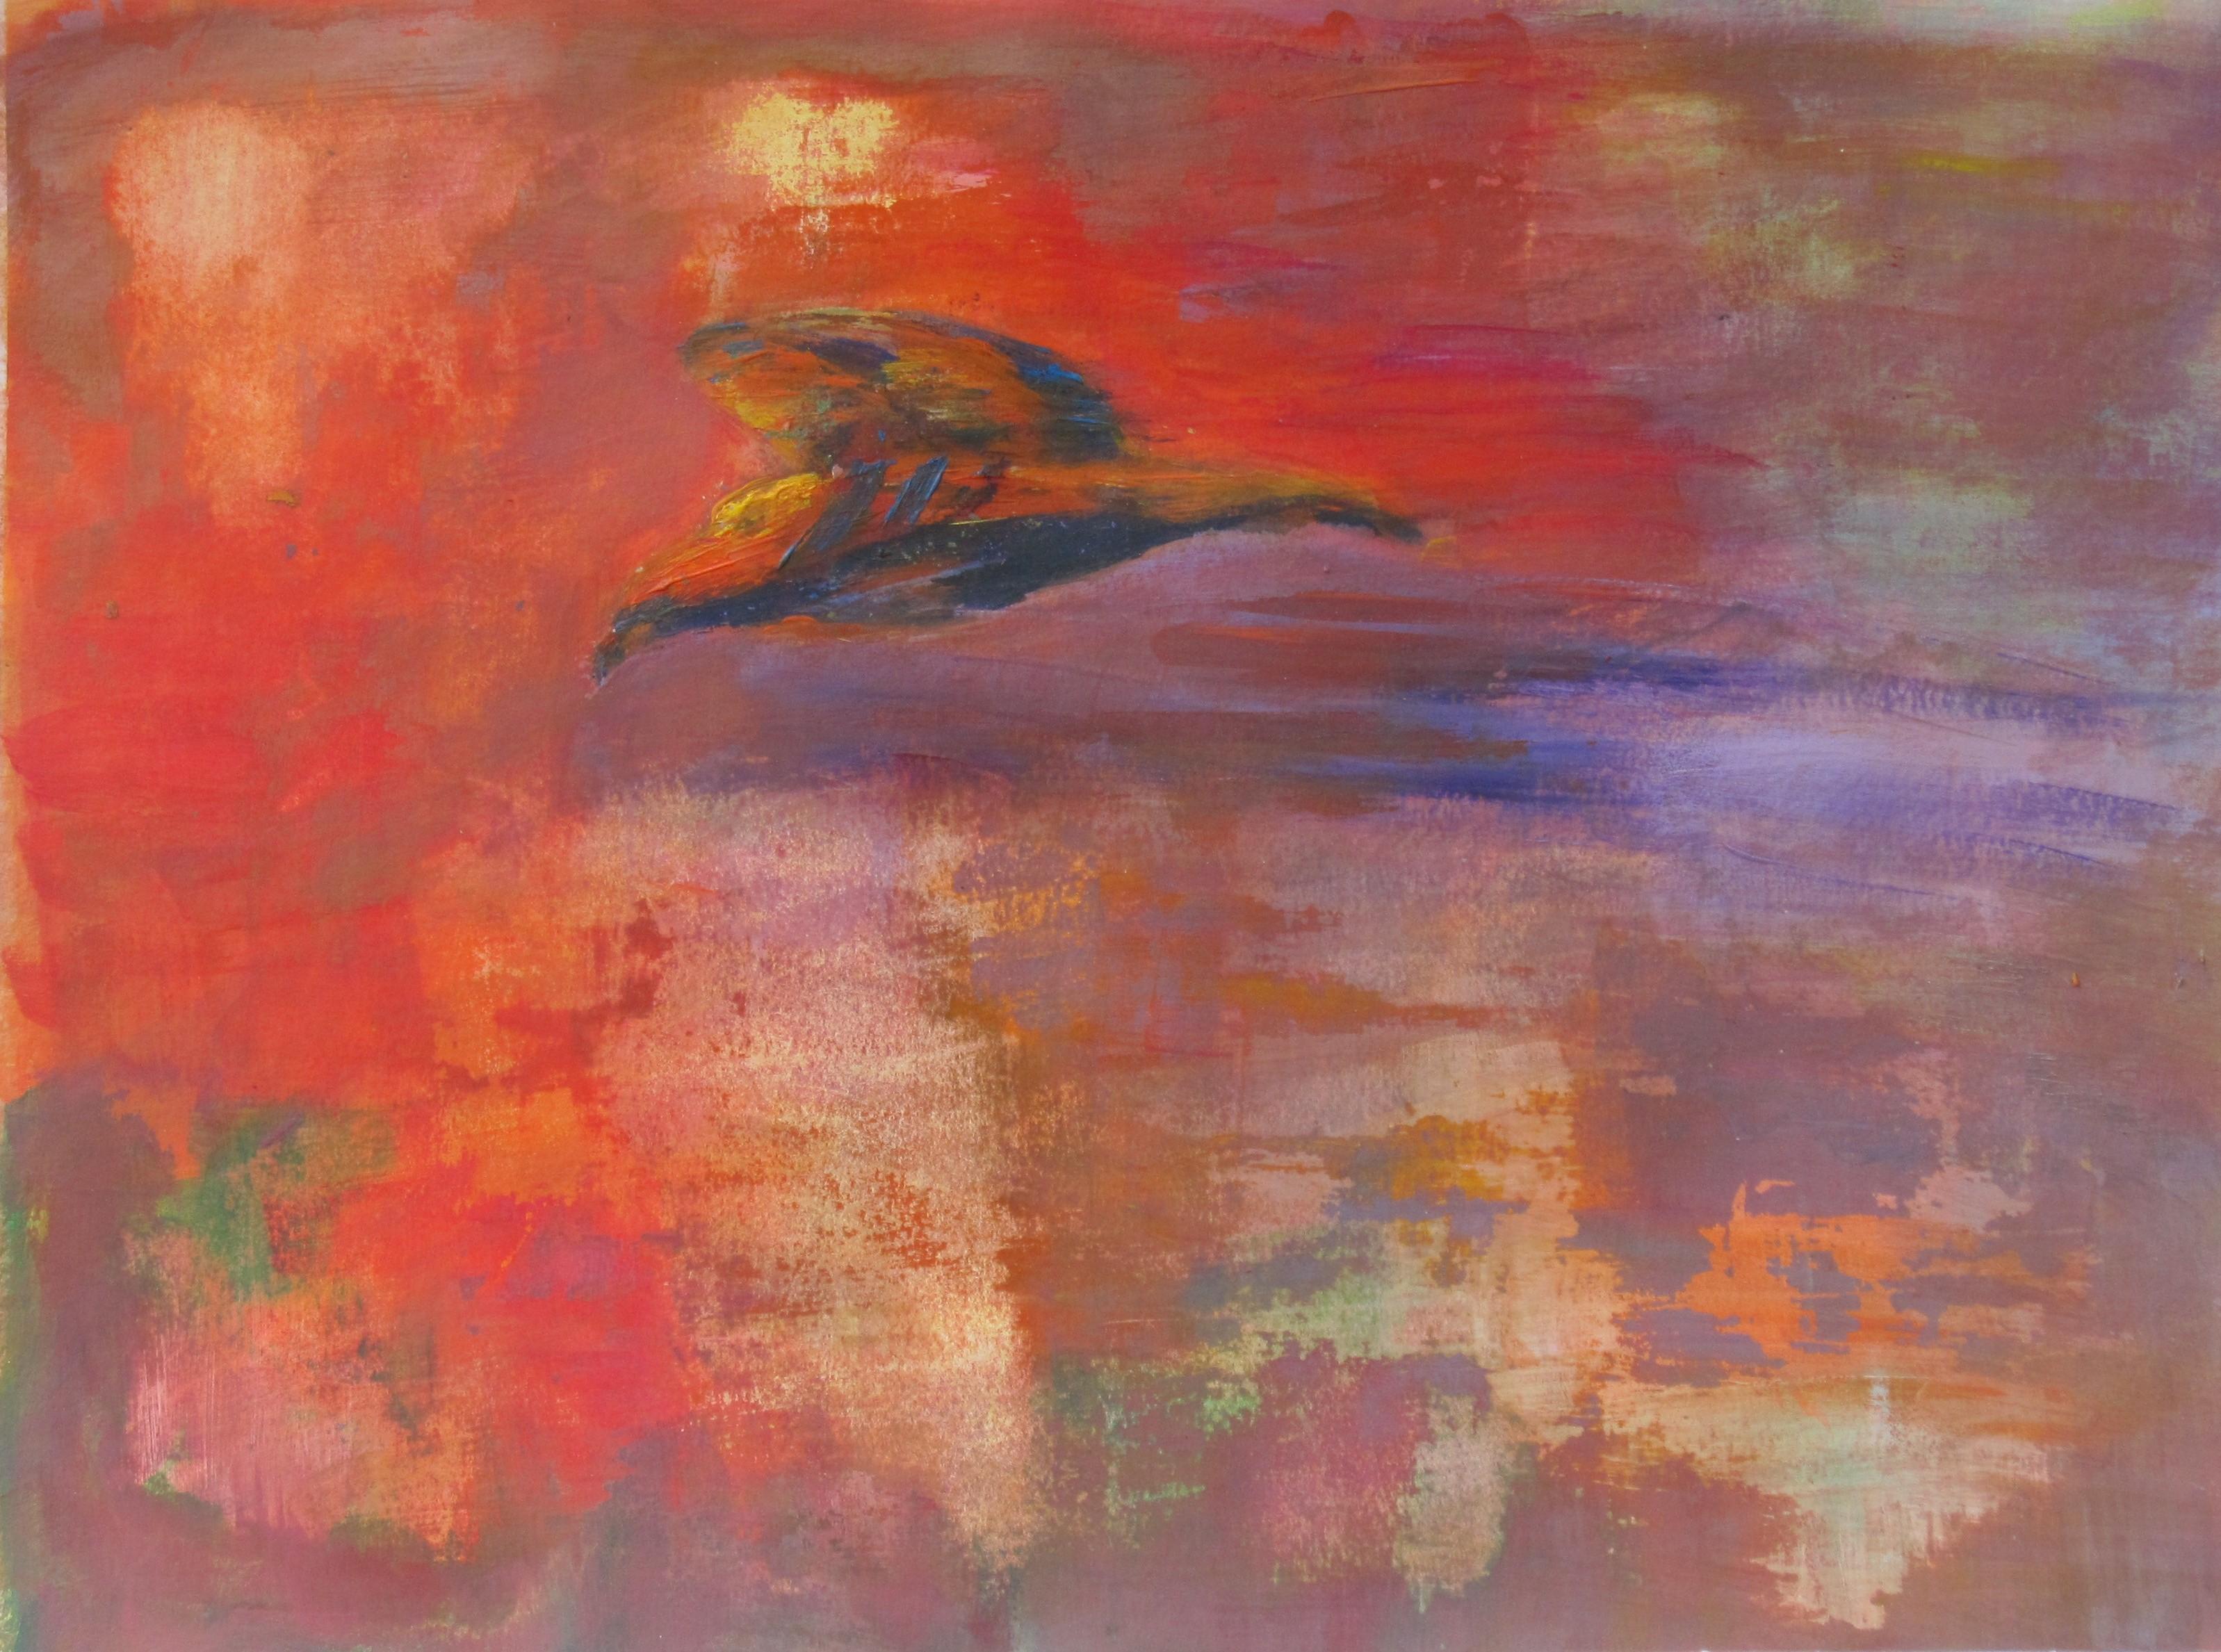 Bird of Fire - Irene Mueller